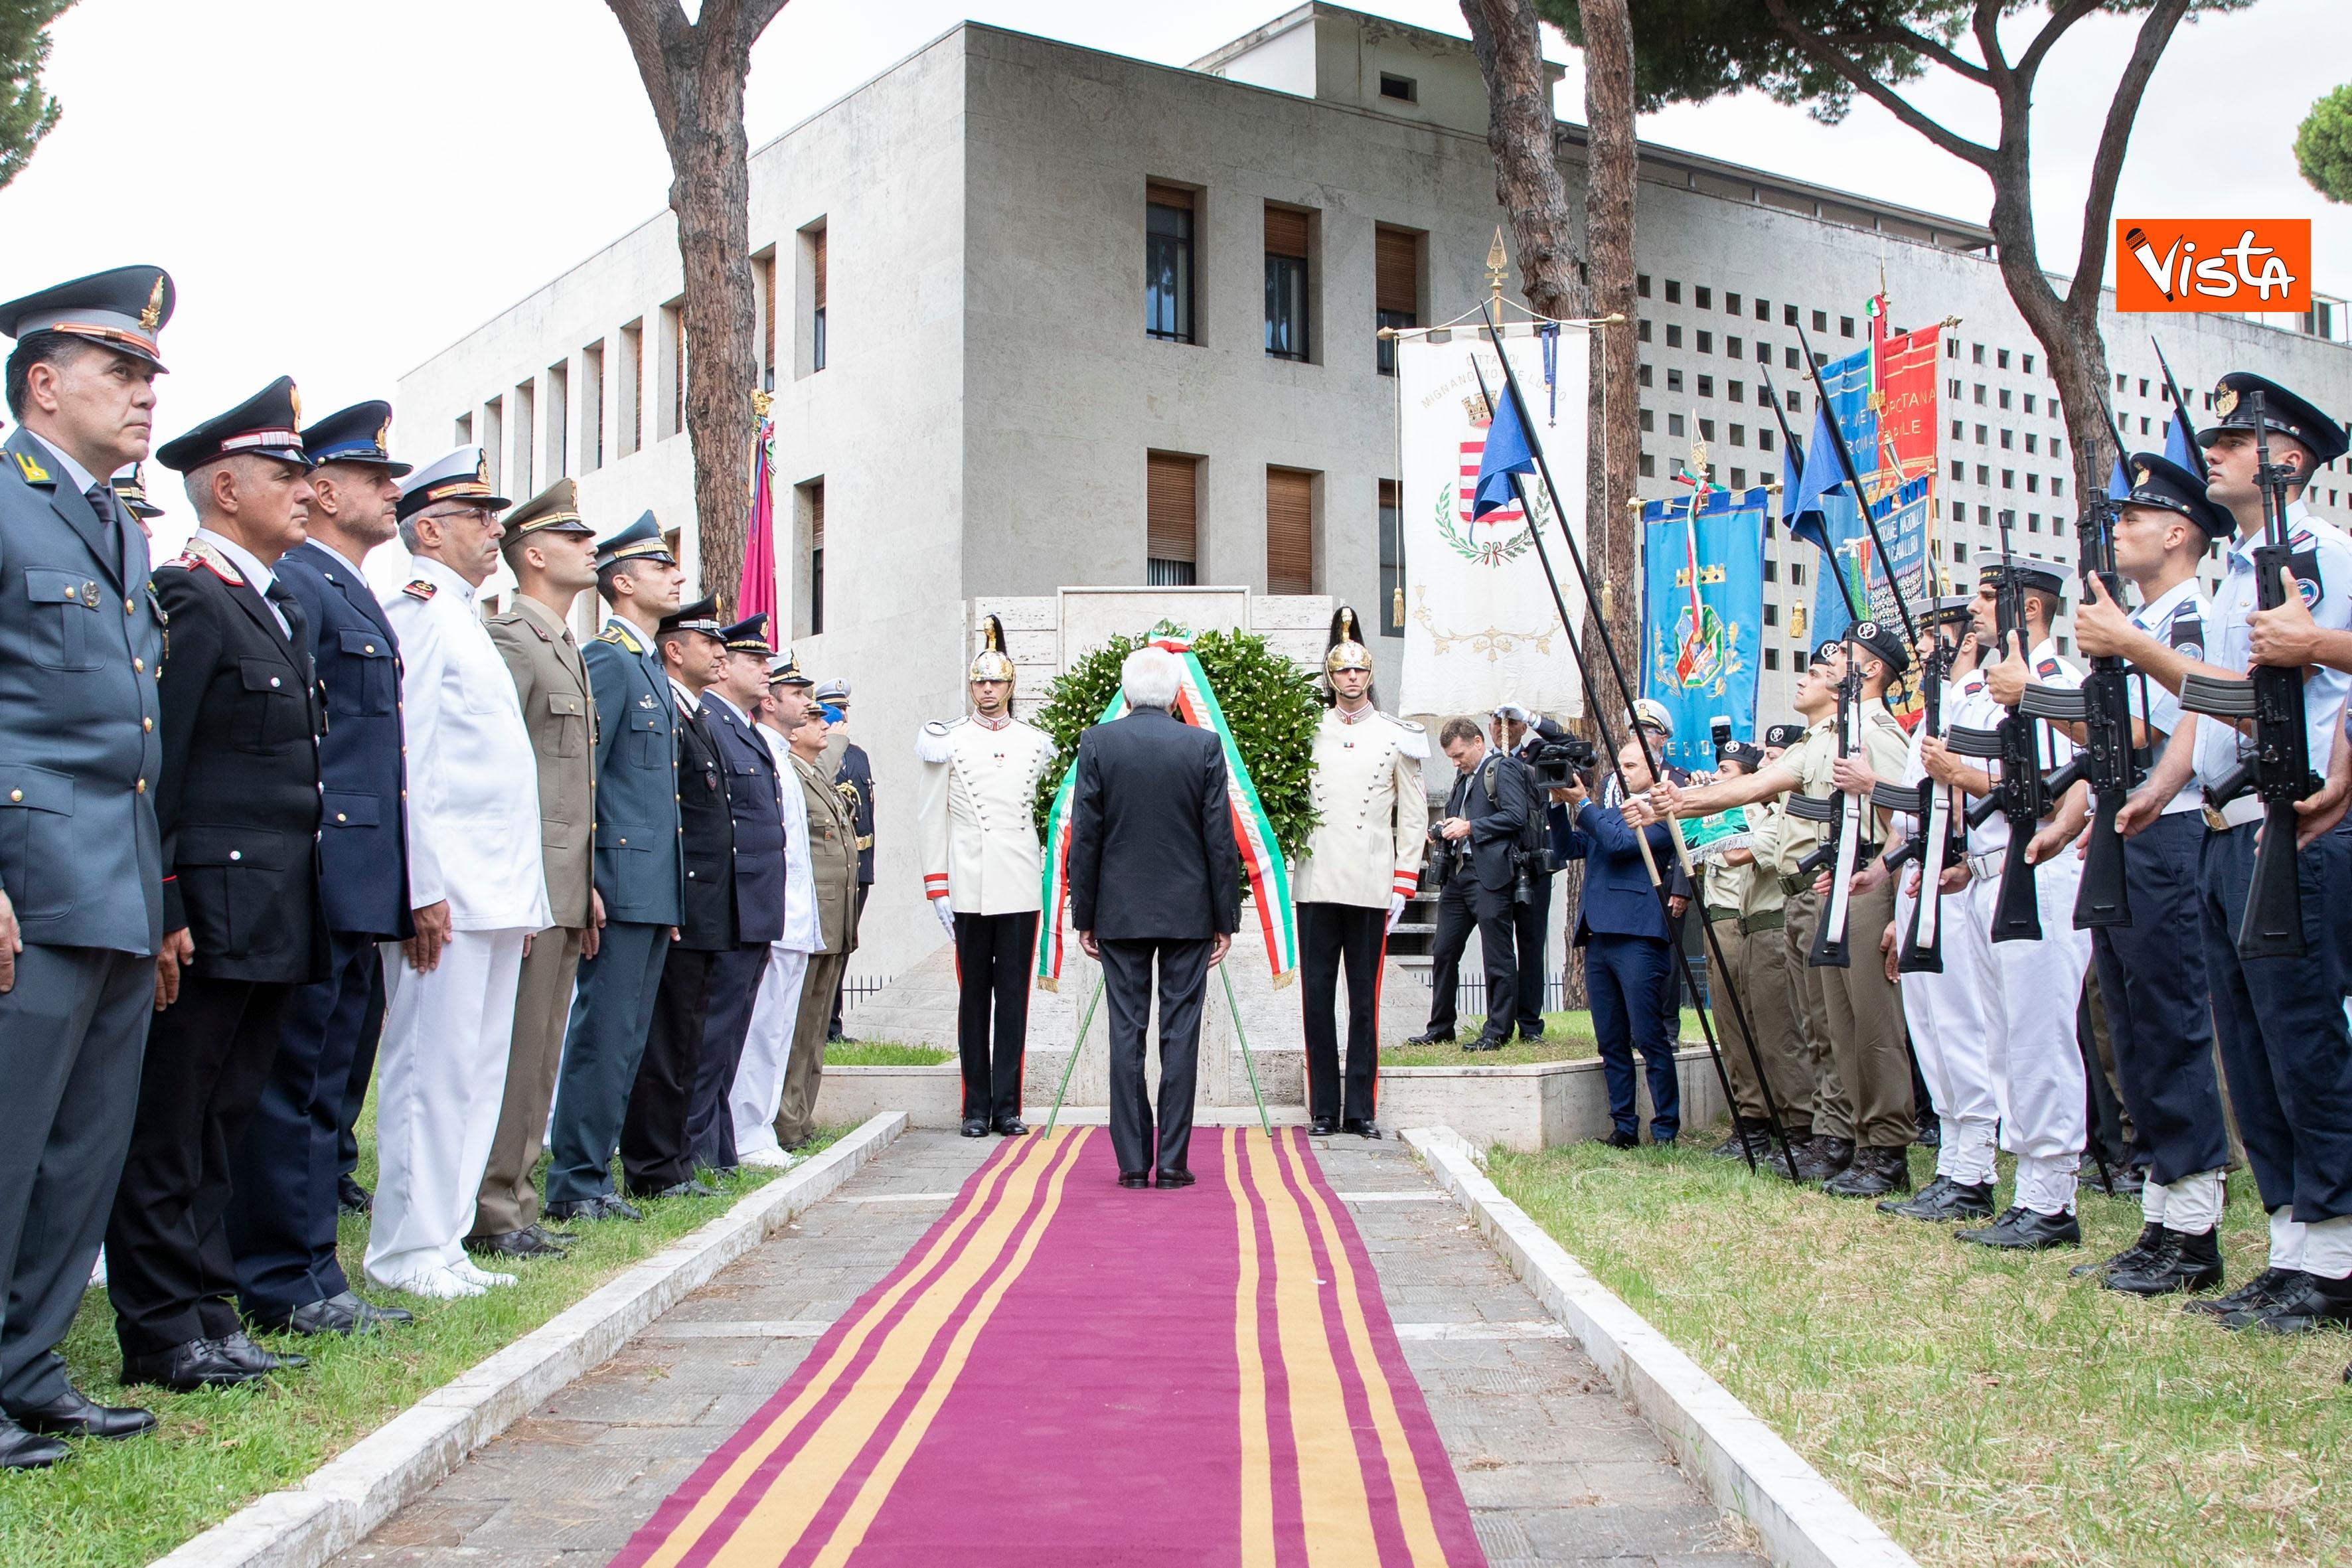 08-09-19 Mattarella depone corona d'alloro a Porta San Paolo per l'anniversario della difesa di Roma_08